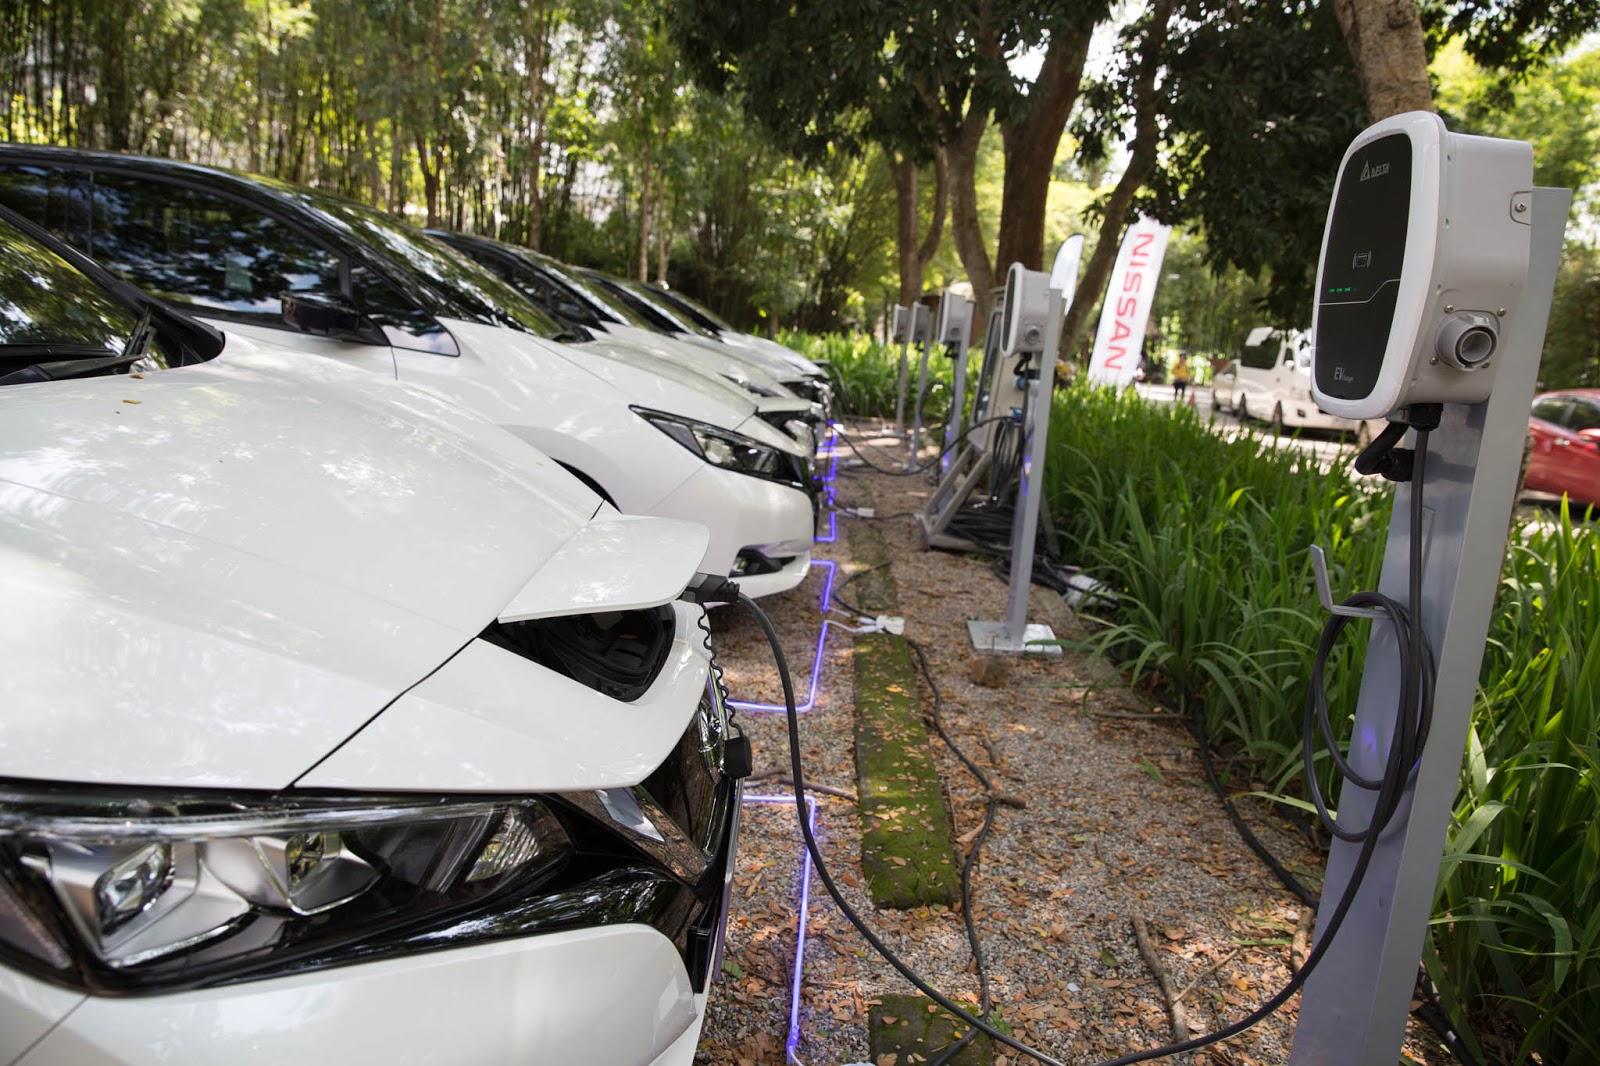 โซลูชั่นเครื่องชาร์จรถยนต์ไฟฟ้าจาก Delta มอบพลังขับเคลื่อนอันทรงพลัง Nissan Leaf ในการทดลองขับสู่จุดสูงสุดของประเทศไทย